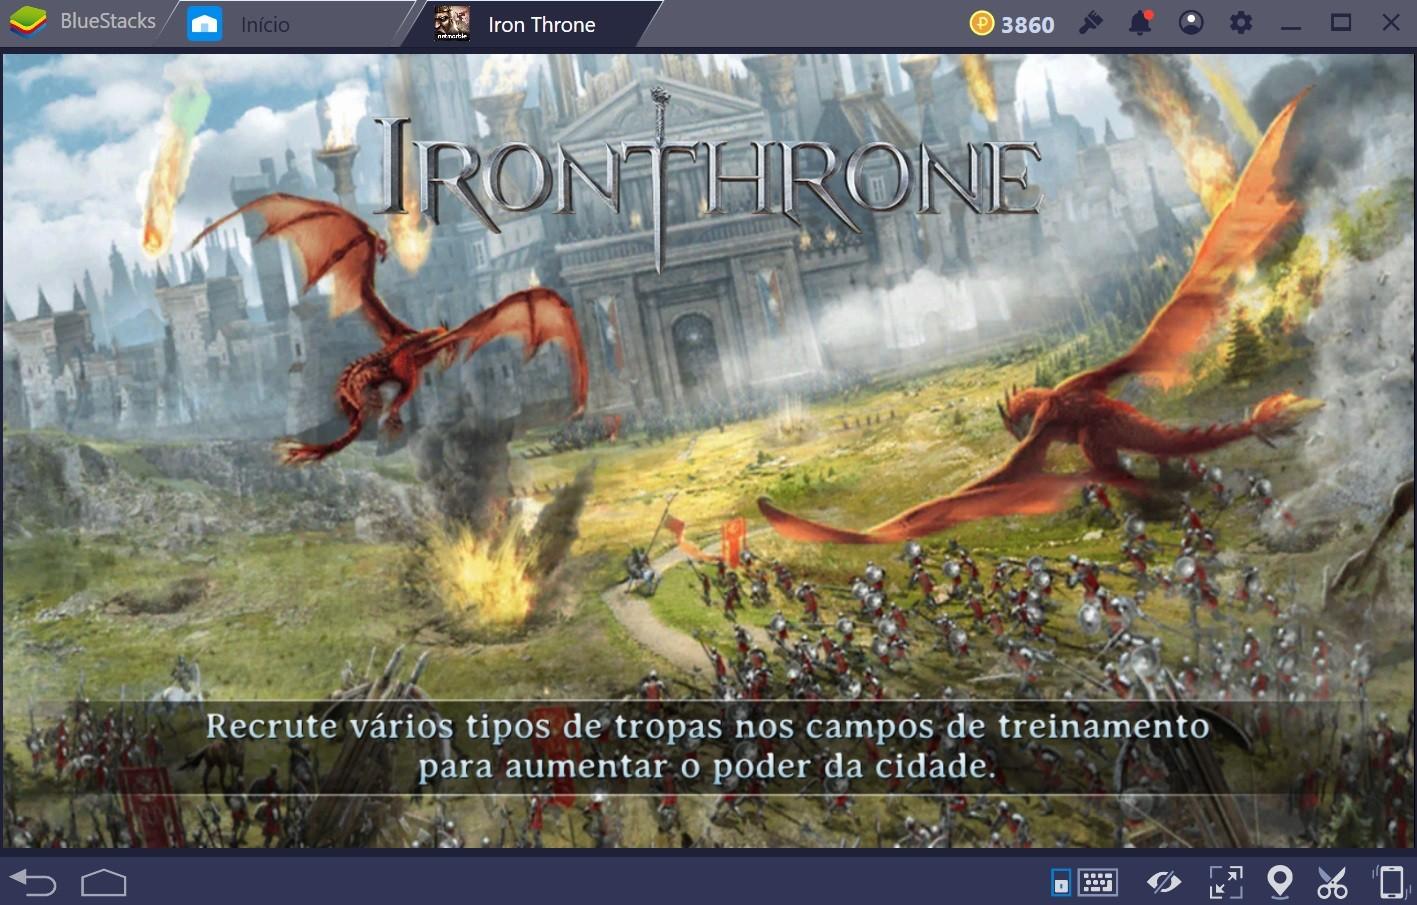 Guia para iniciantes em Iron Throne